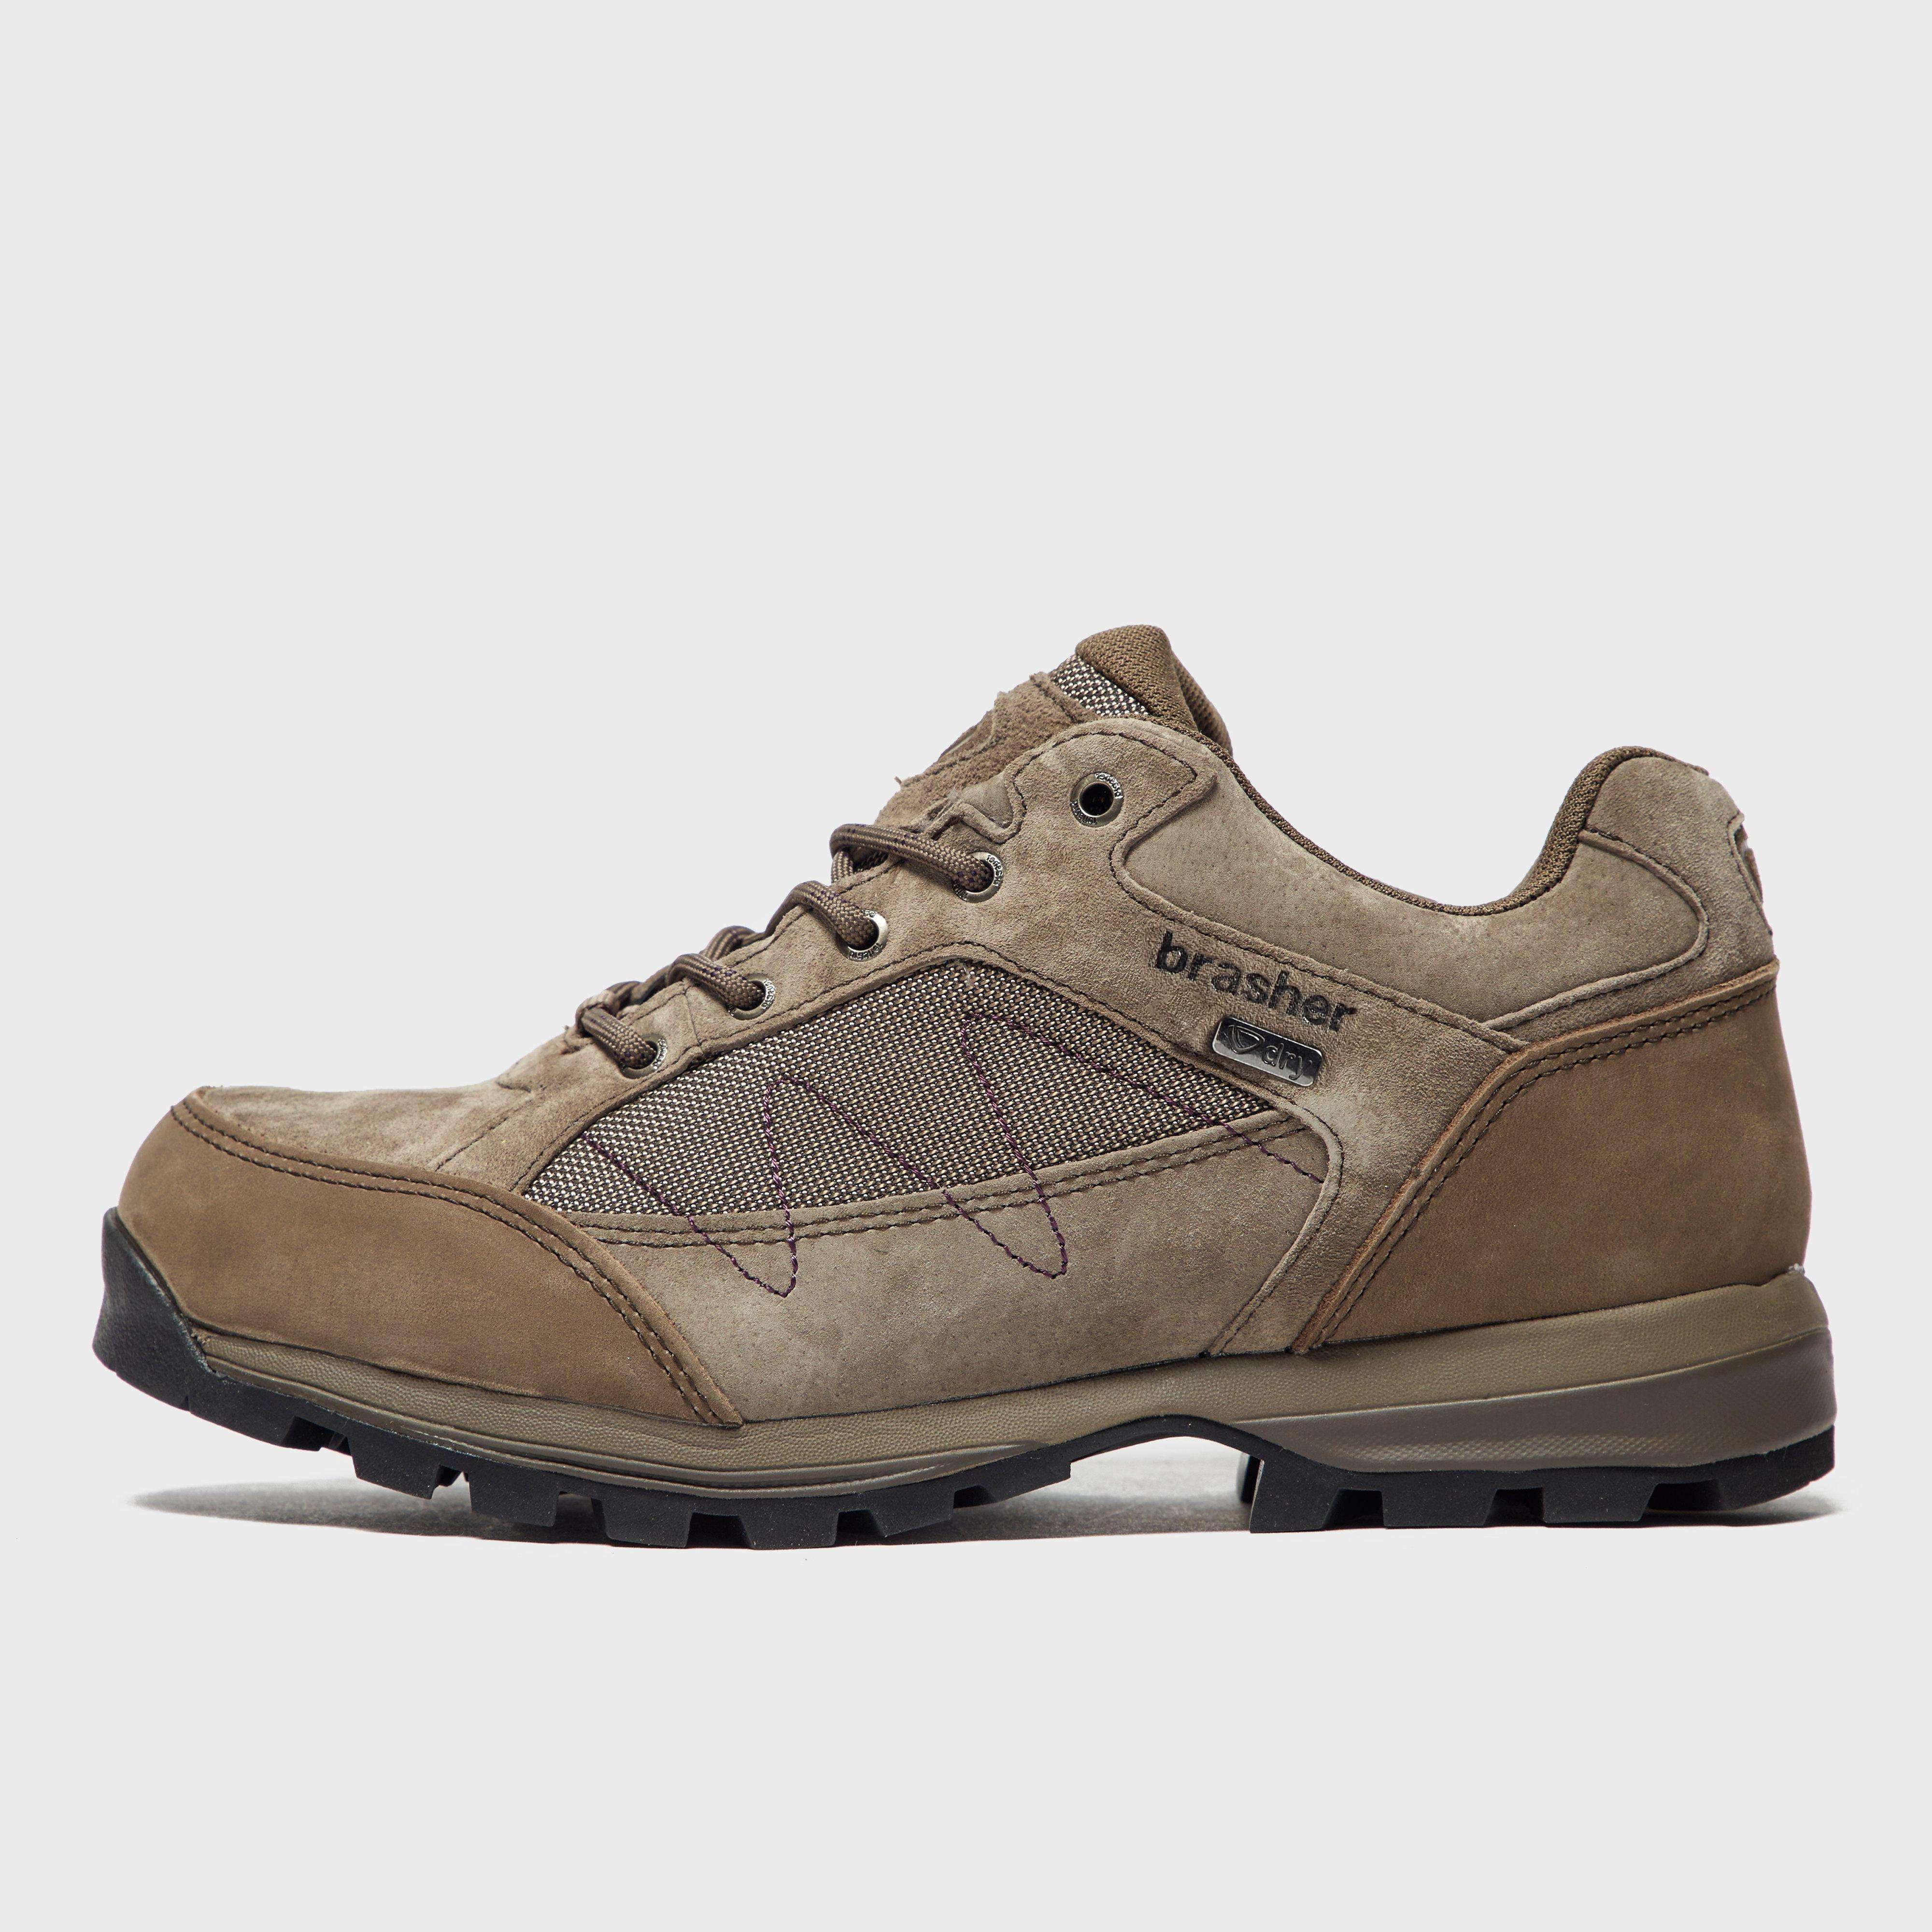 BRASHER Women's Country Hiker Walking Shoes